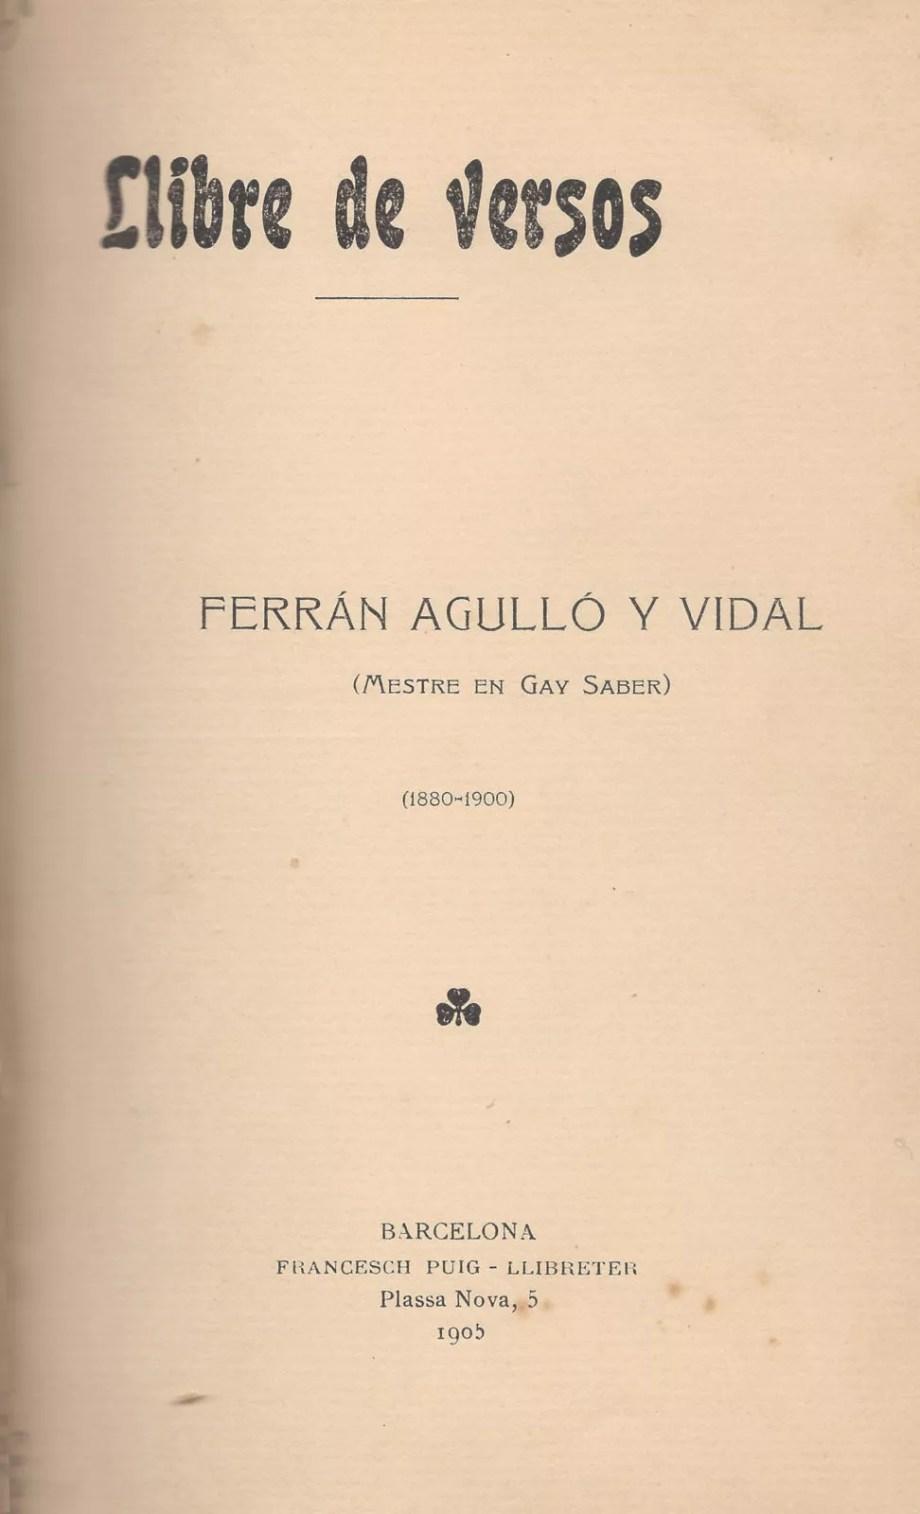 llibre de versos ferran agulló poesia poema costa brava cuina catalana jocs florals englantina catalunya